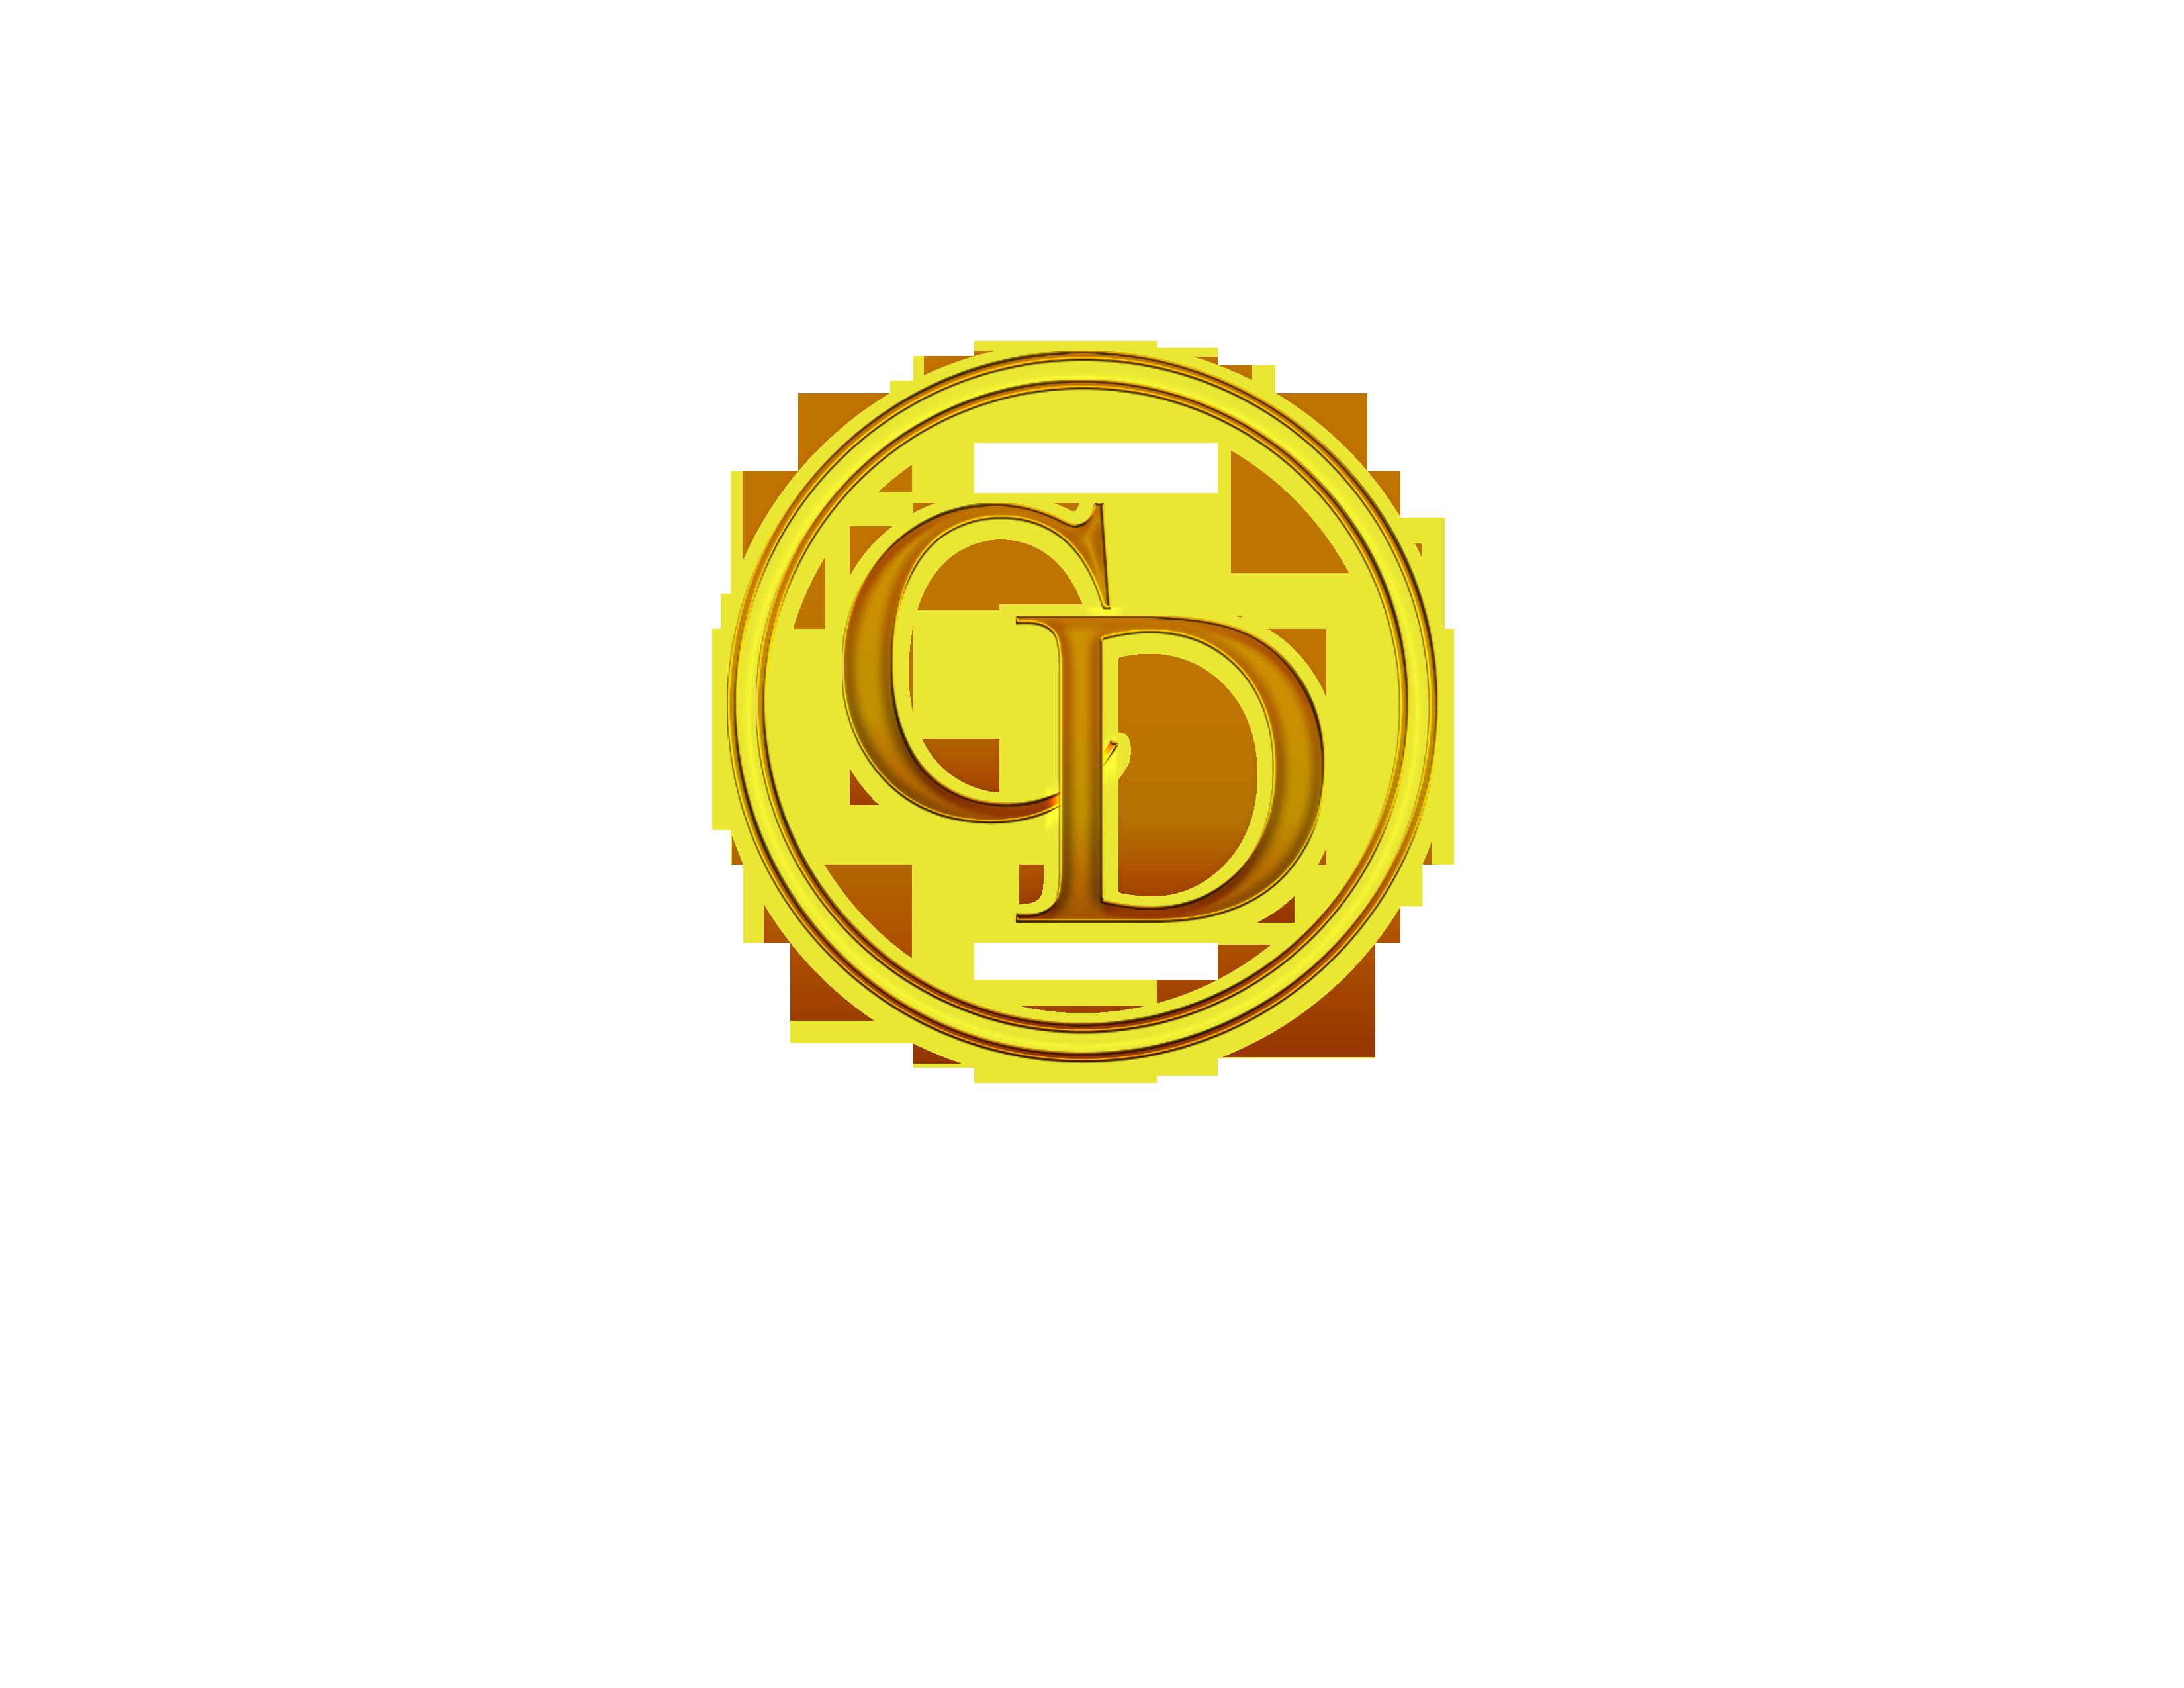 chic dock- company logo